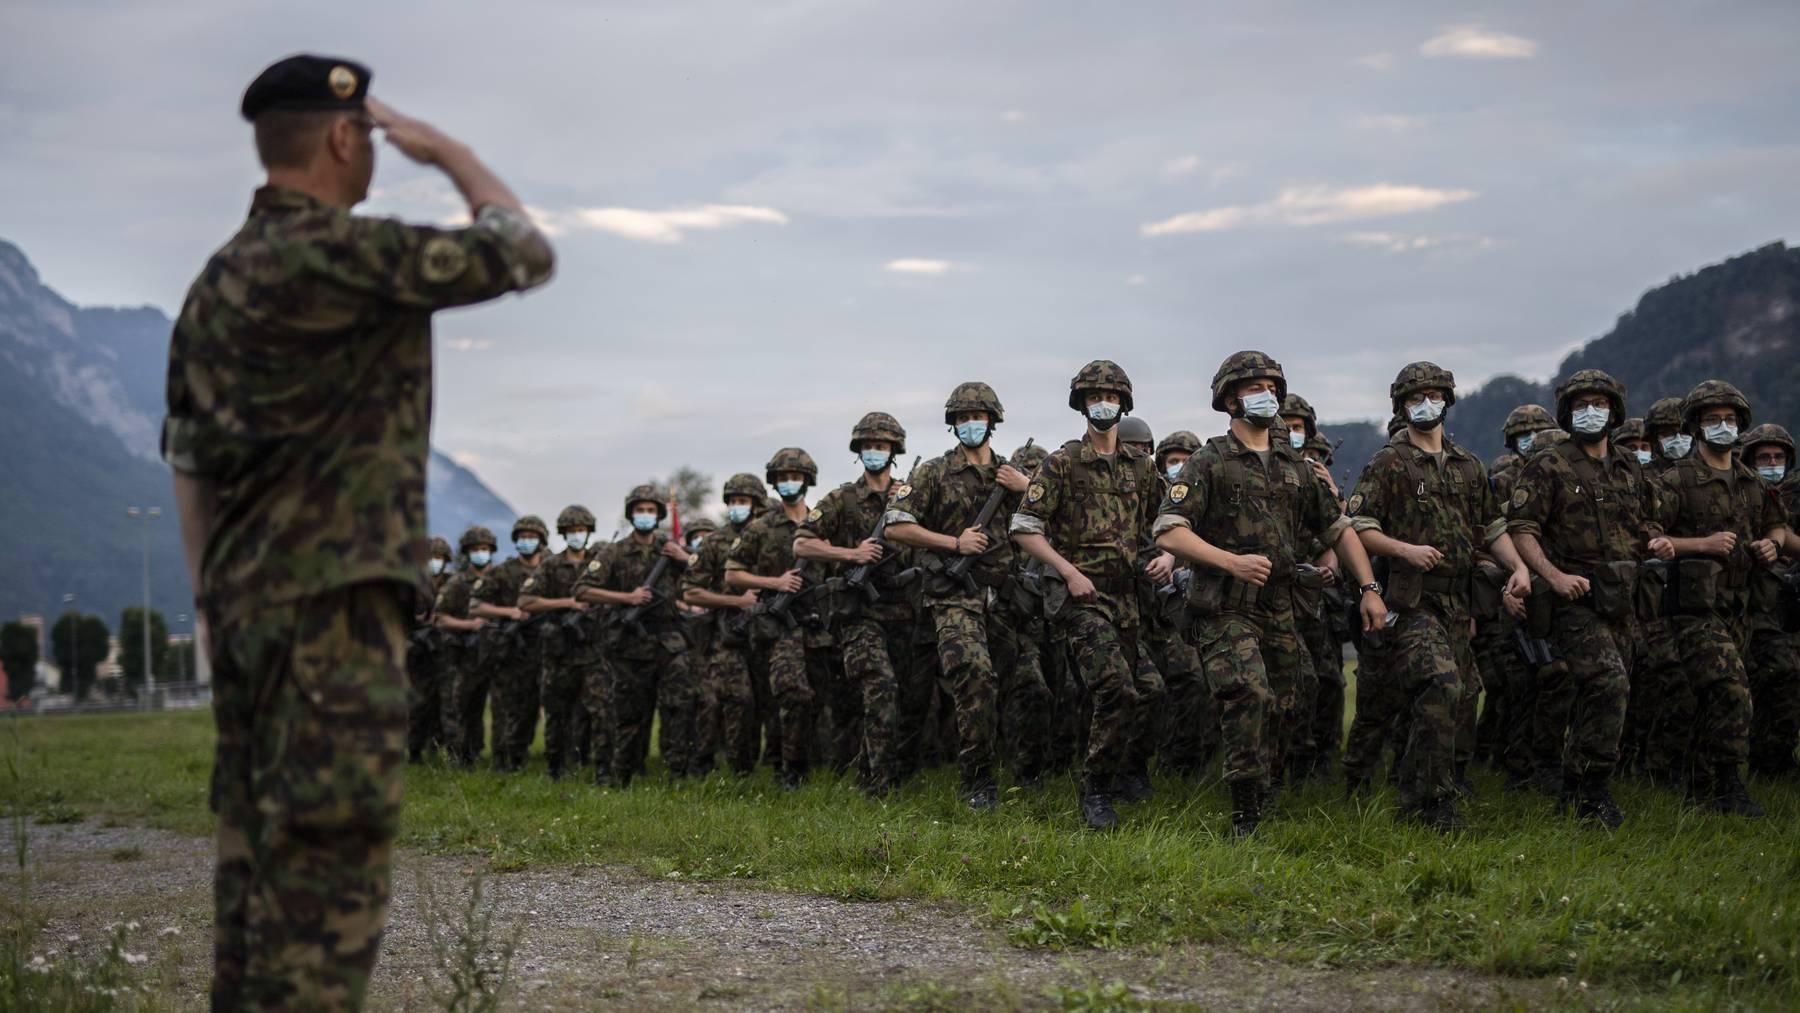 Die Armee beendet heute Dienstag offiziell ihren Corona-Einsatz. Für das Infanteriebataillon 65 der Schweizer Armee, hier im Bild, endete der Assistenzdienst bereits vor zwei Wochen.